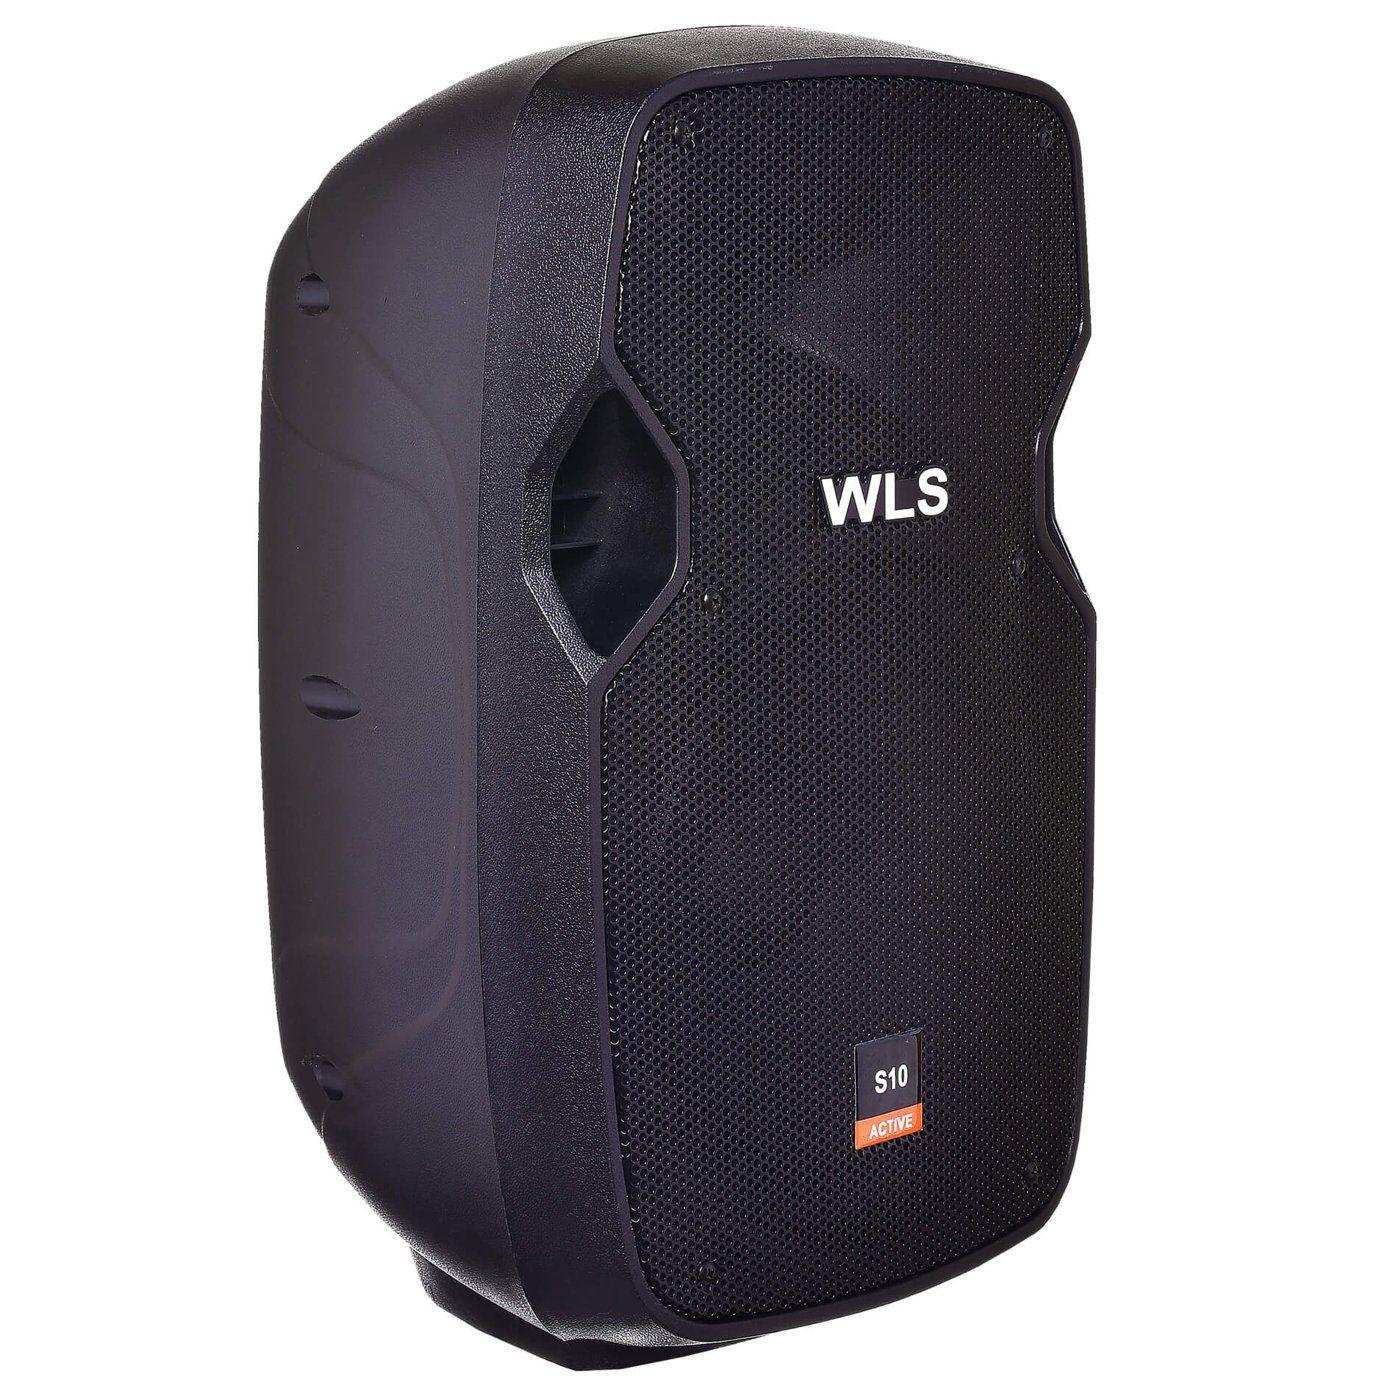 Kit Caixa de Som Ativa Passiva Wls S10 Bluetooth 250w + Suporte e Cabo